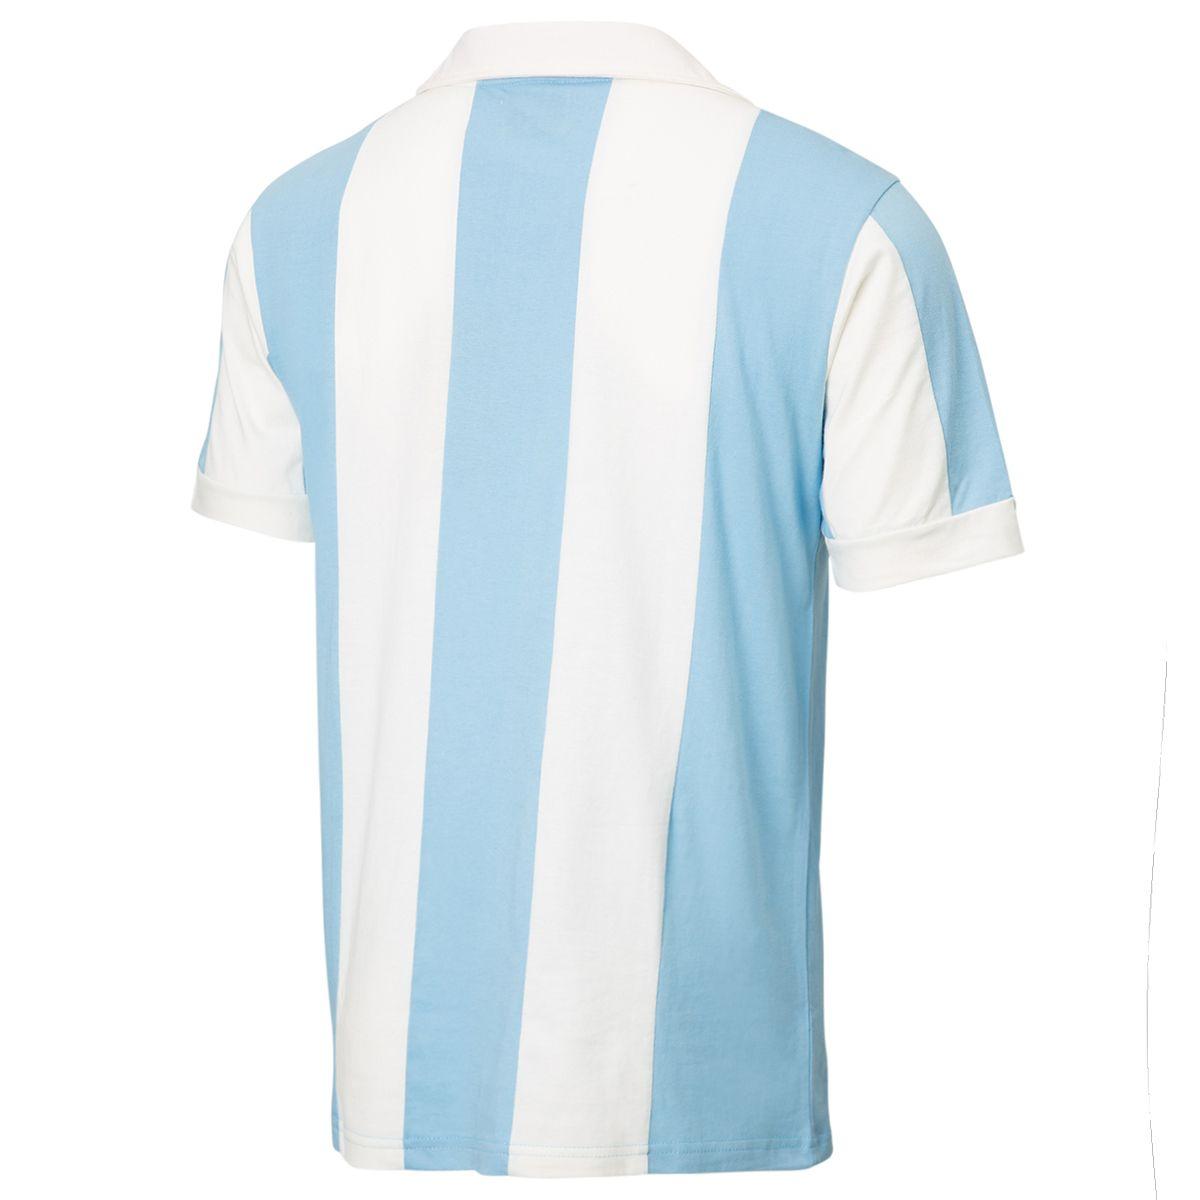 Camisa Polo Retrô Gol Seleção Argentina Listrada Torcedor